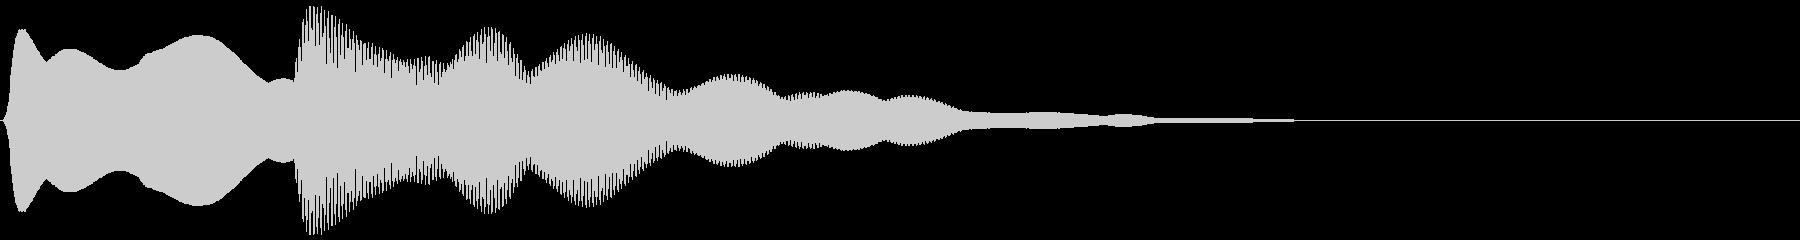 エレベーター上昇風の到着音(ピンポーン)の未再生の波形